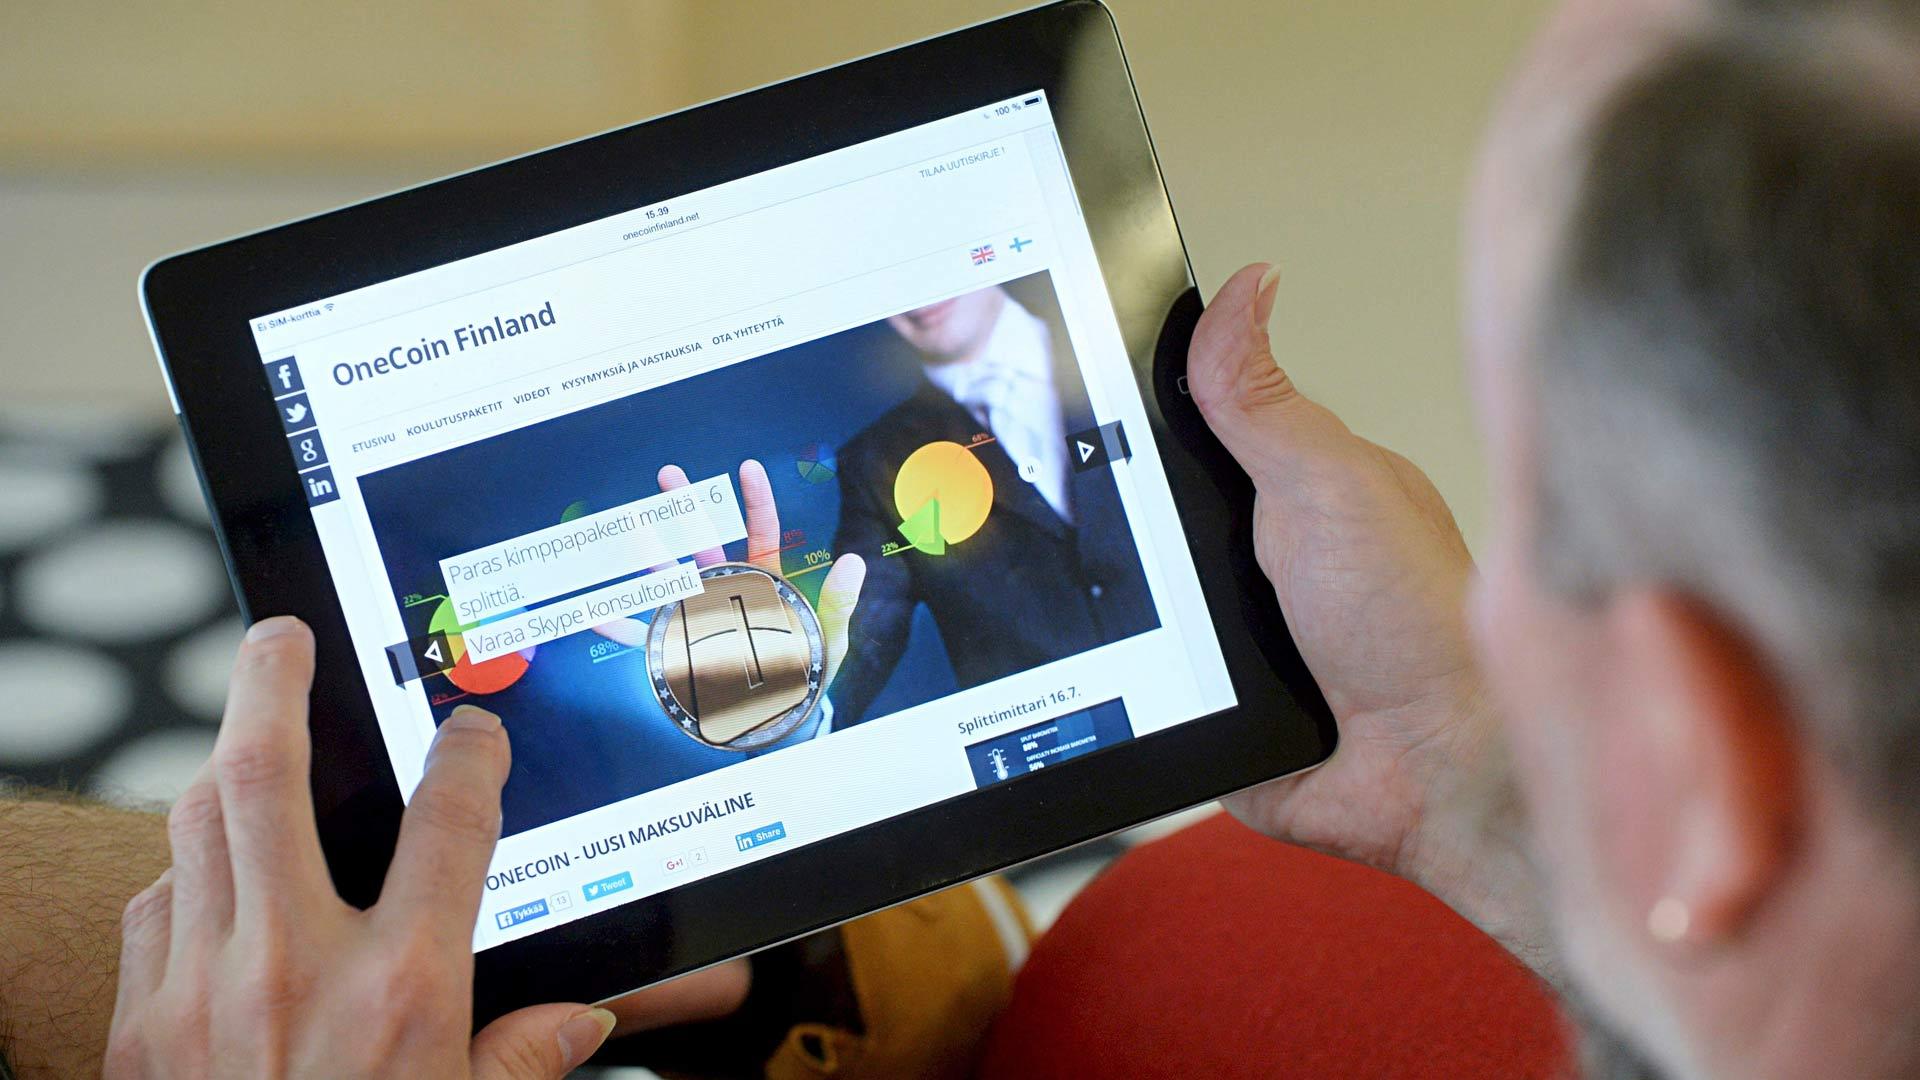 Kansainvälinen Onecoin-verkostomarkkinointiketju päätyi Suomeen 2014: täkäläiset vetäjät saivat mukaan ihmisiä joita oli huijattu muutamaa vuotta aiemmin jo Wincapita-ketjussa.